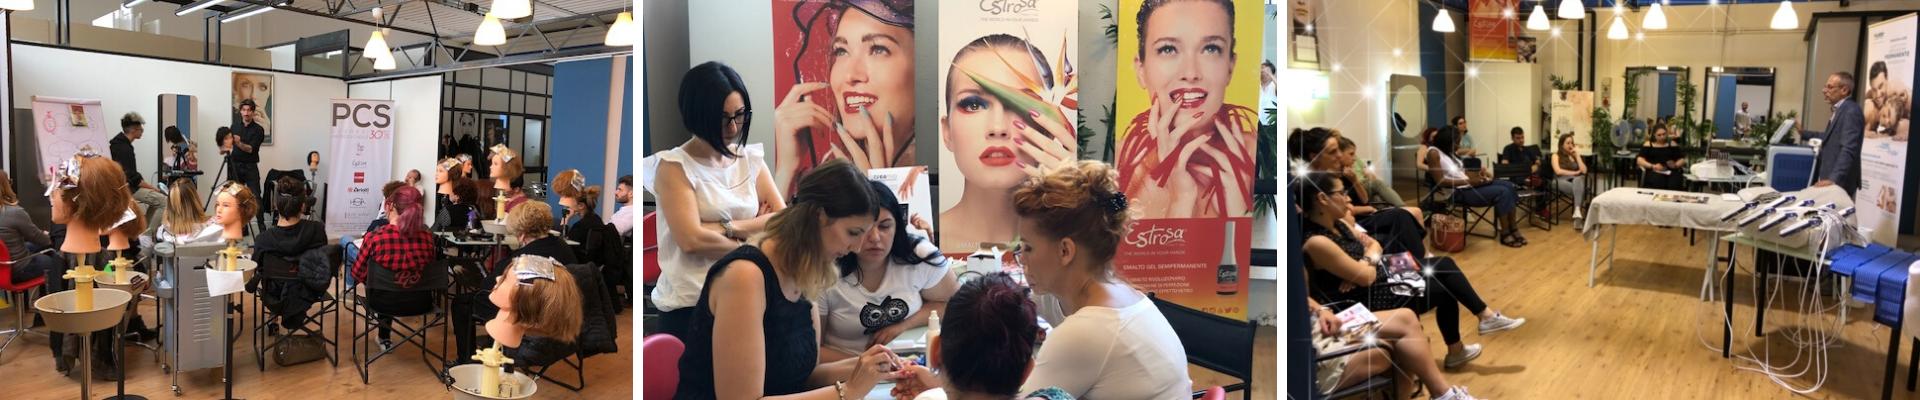 PCS Cosmesi Professionale_Academy parrucchieri ed estetiste